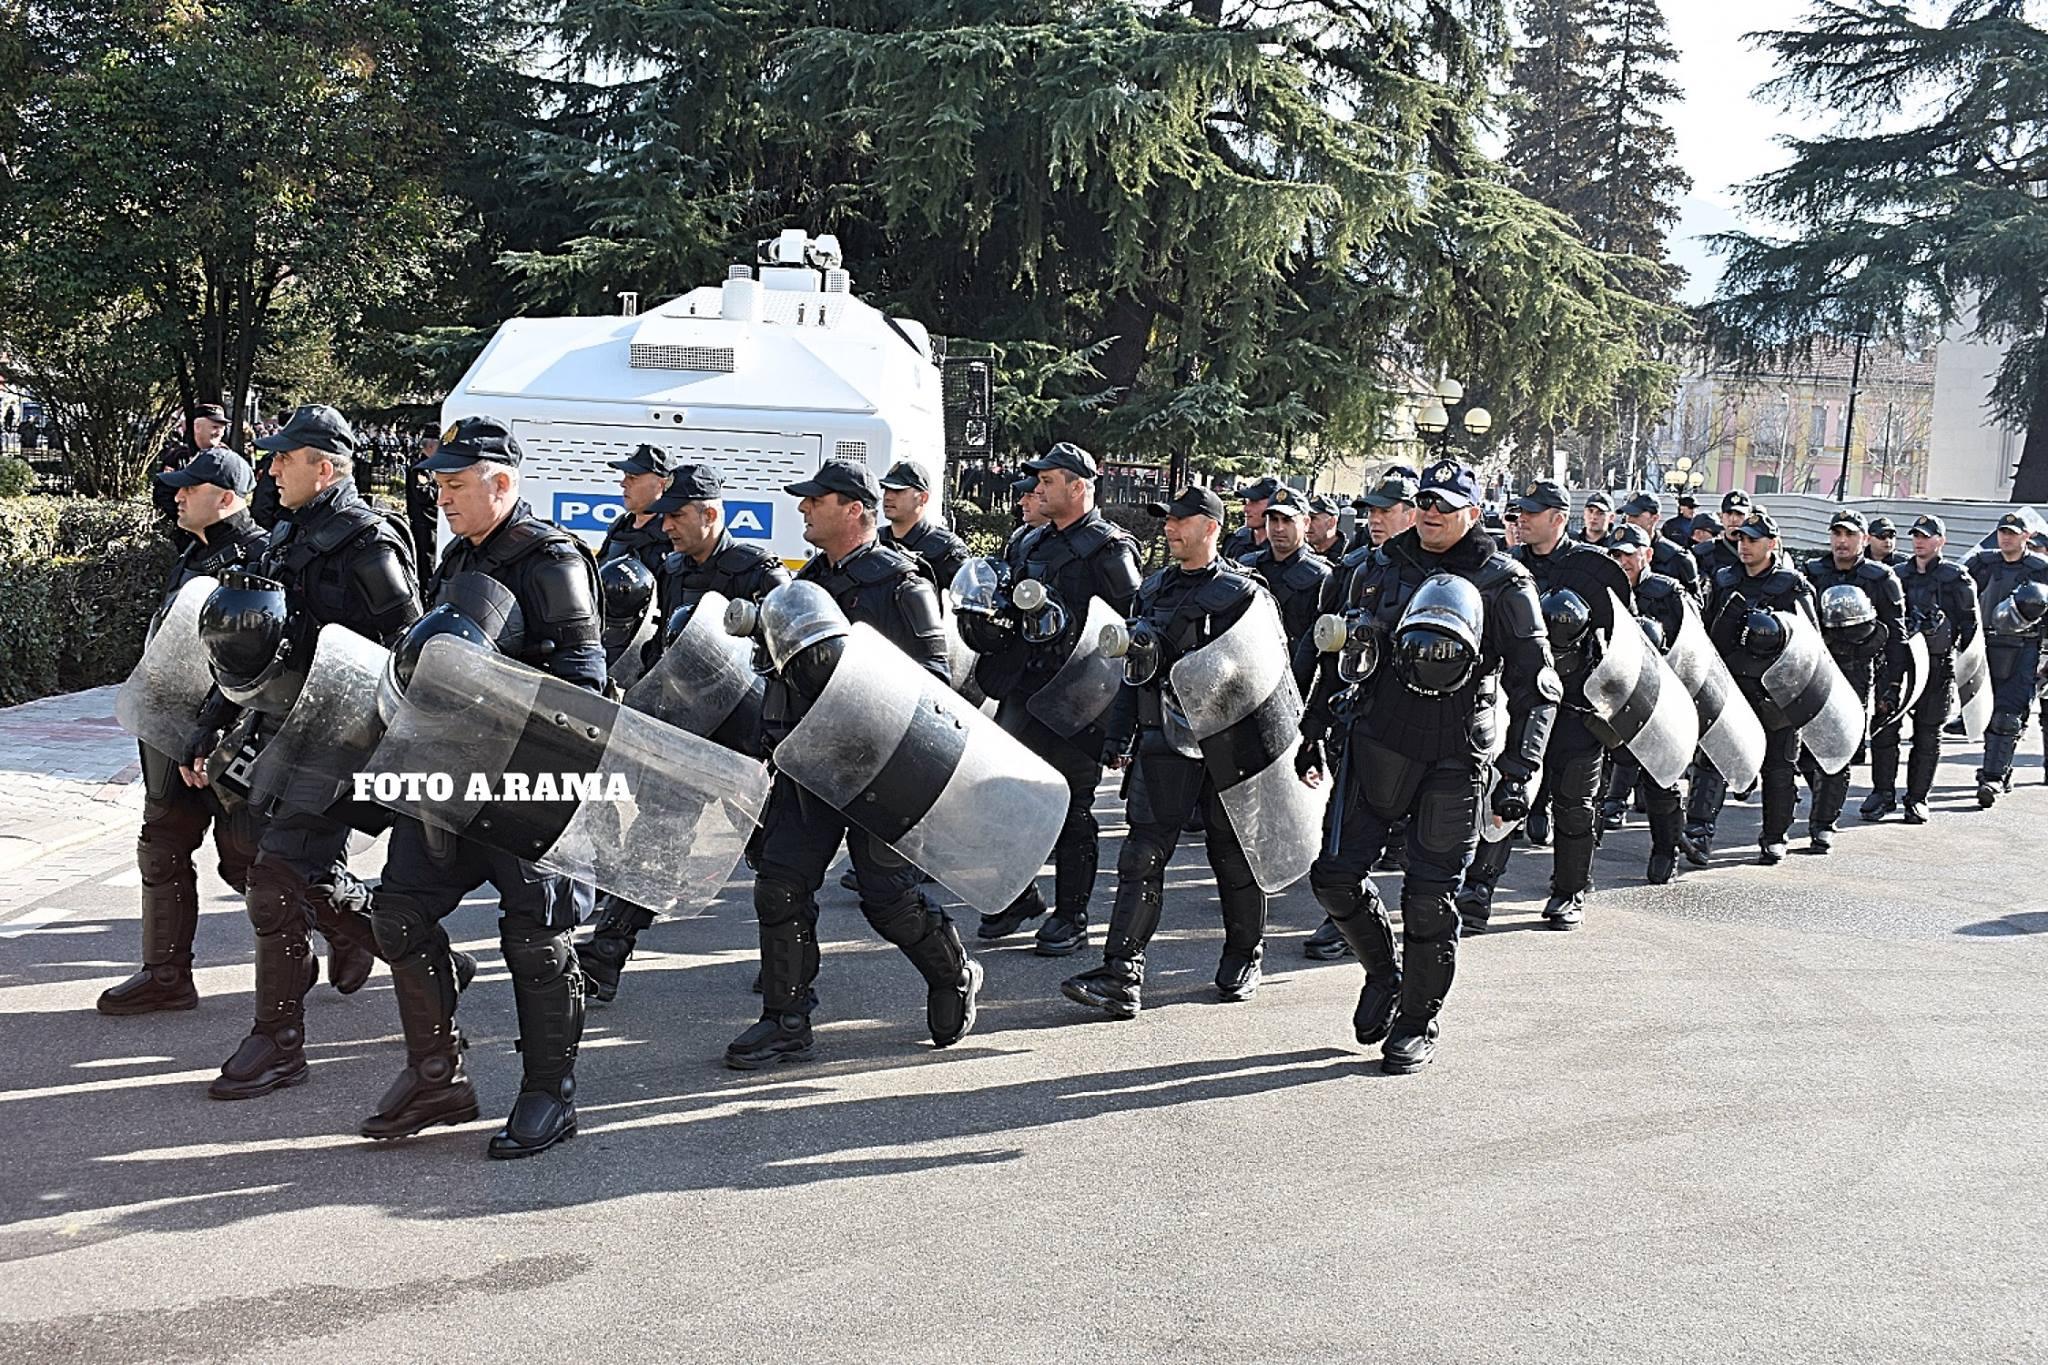 Aktet e dhunshme në protestë, Policia: Janë arrestuar 8 persona, e janë proceduar 9 të tjerë